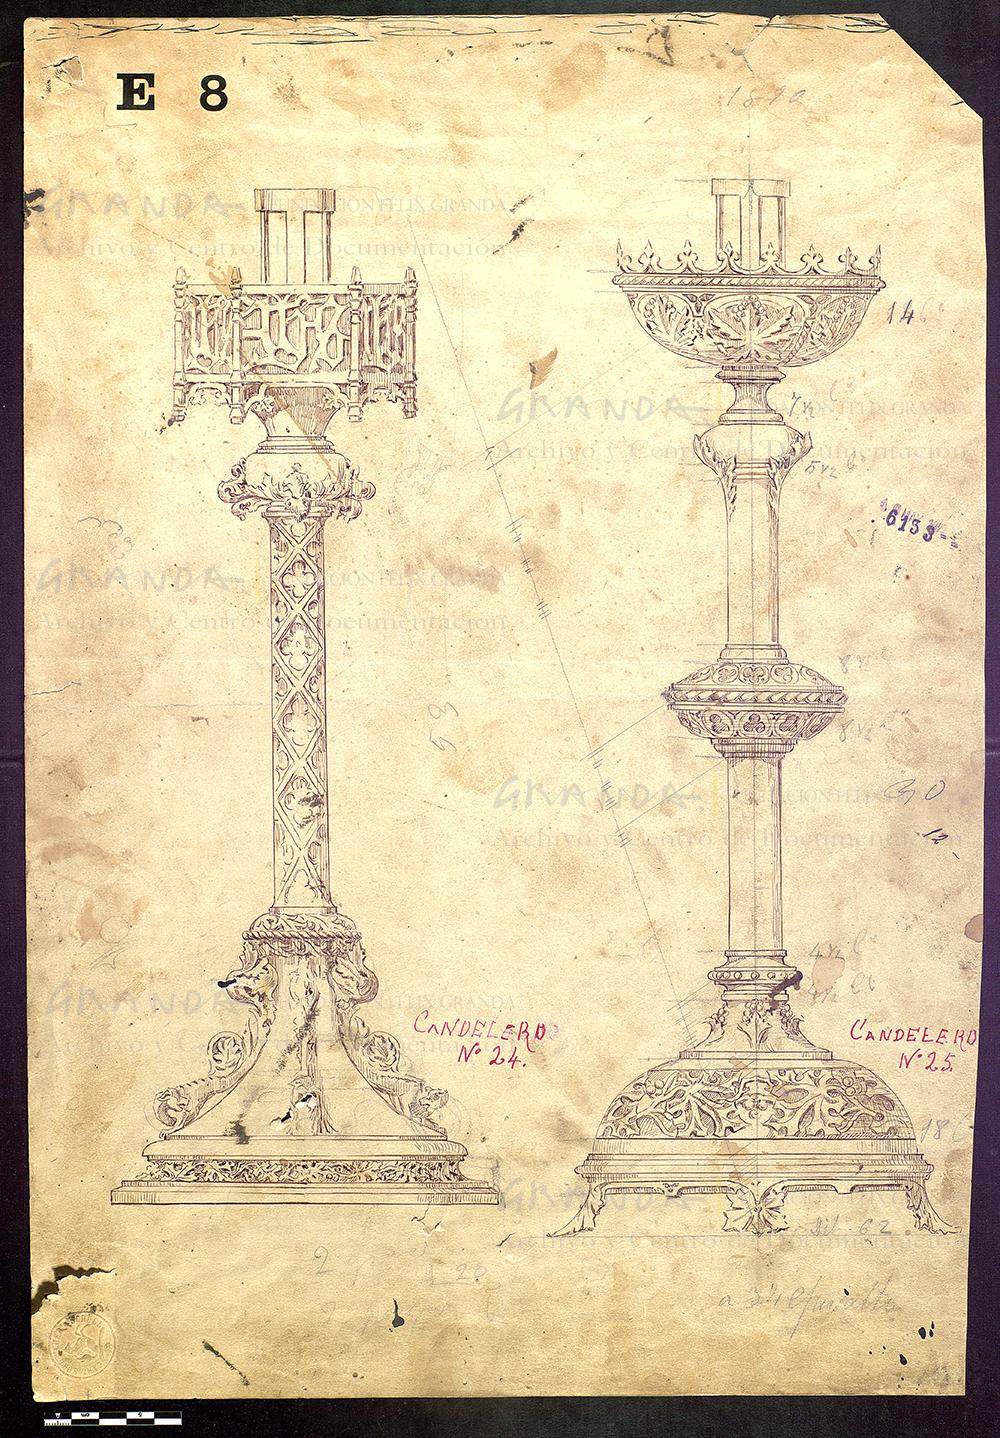 Dibujo de dos candeleros. AFXG.